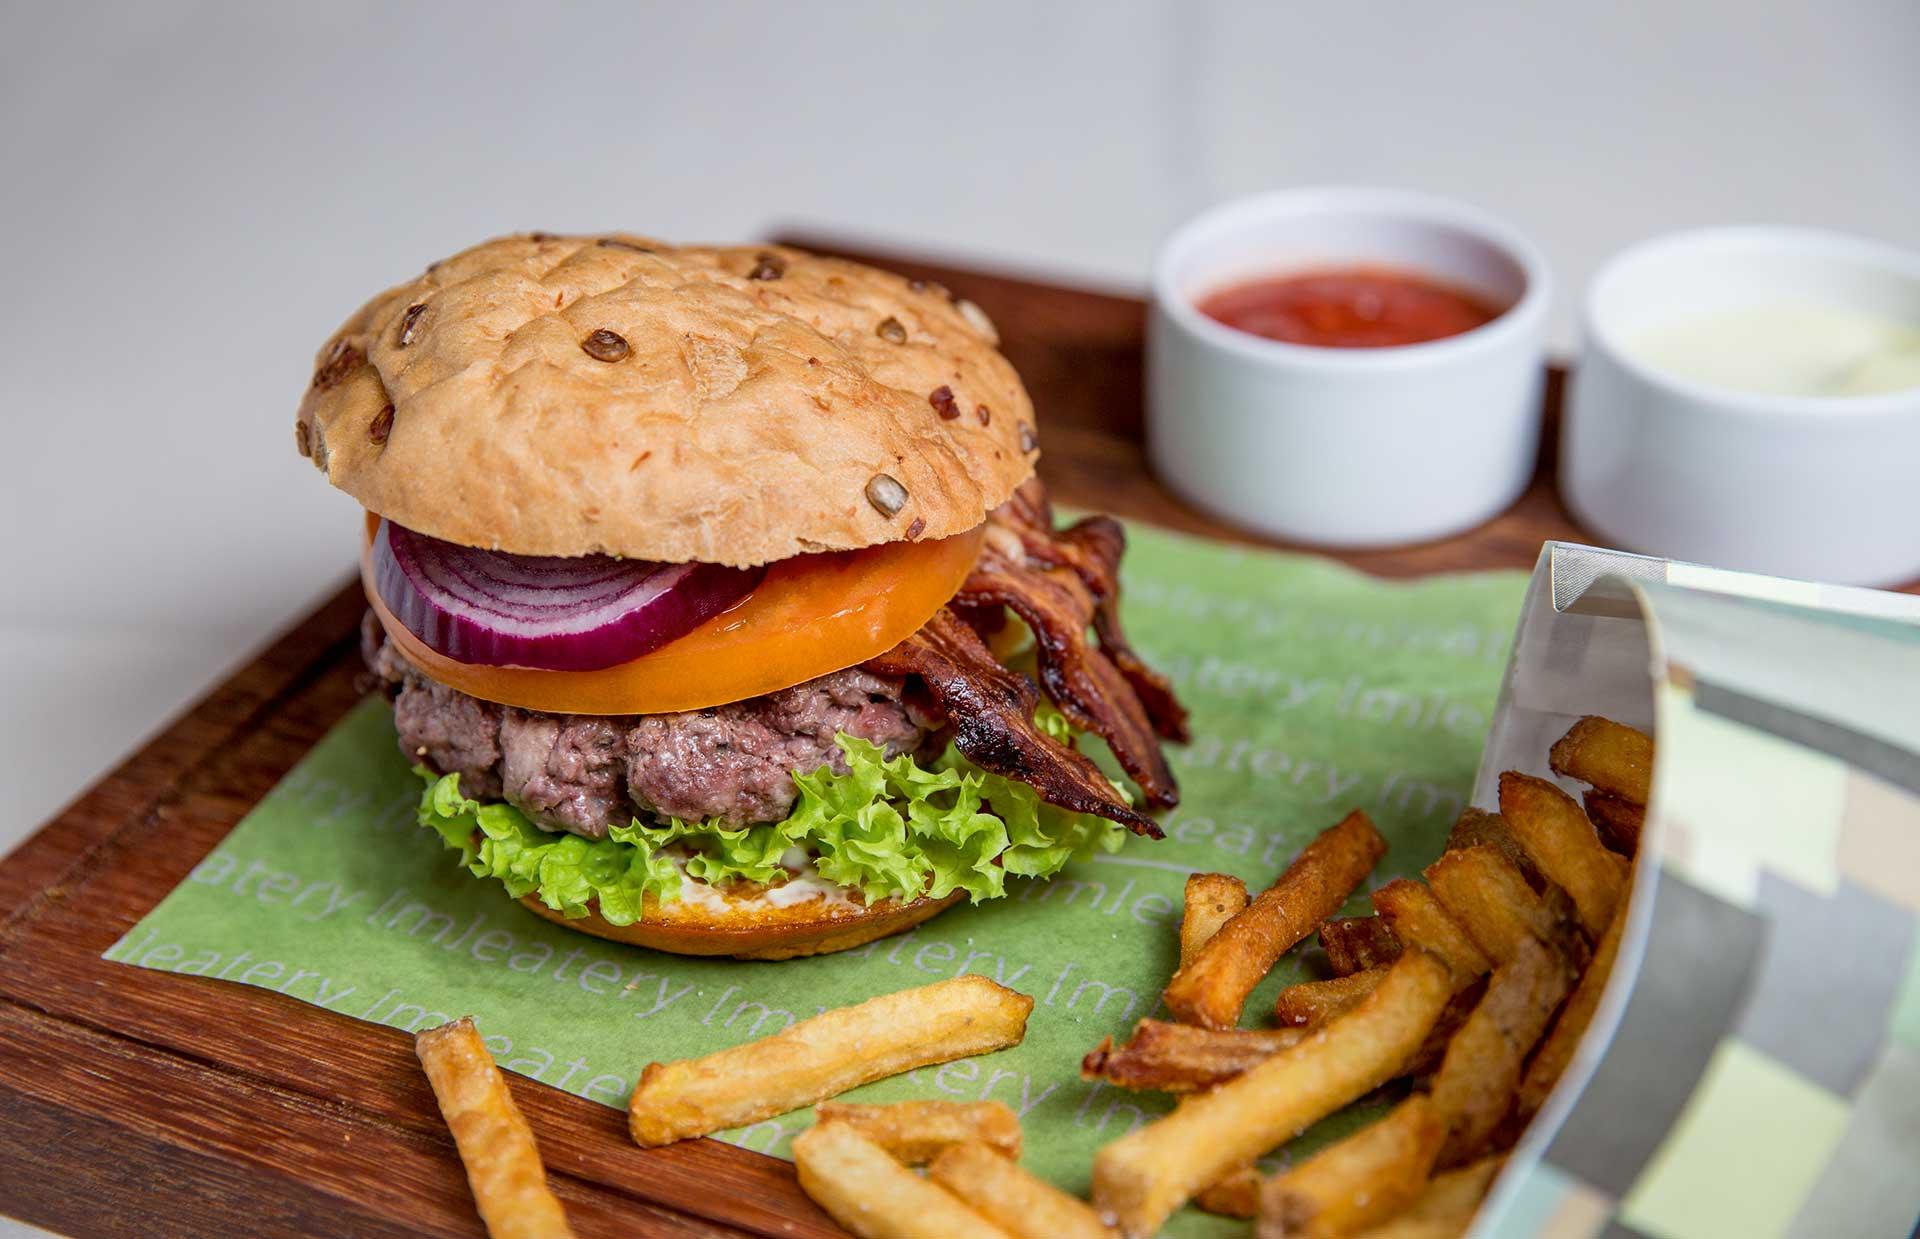 Burger In Stuttgart stuttgartlunch m eatingmon fri 12 16 hrs m eatery